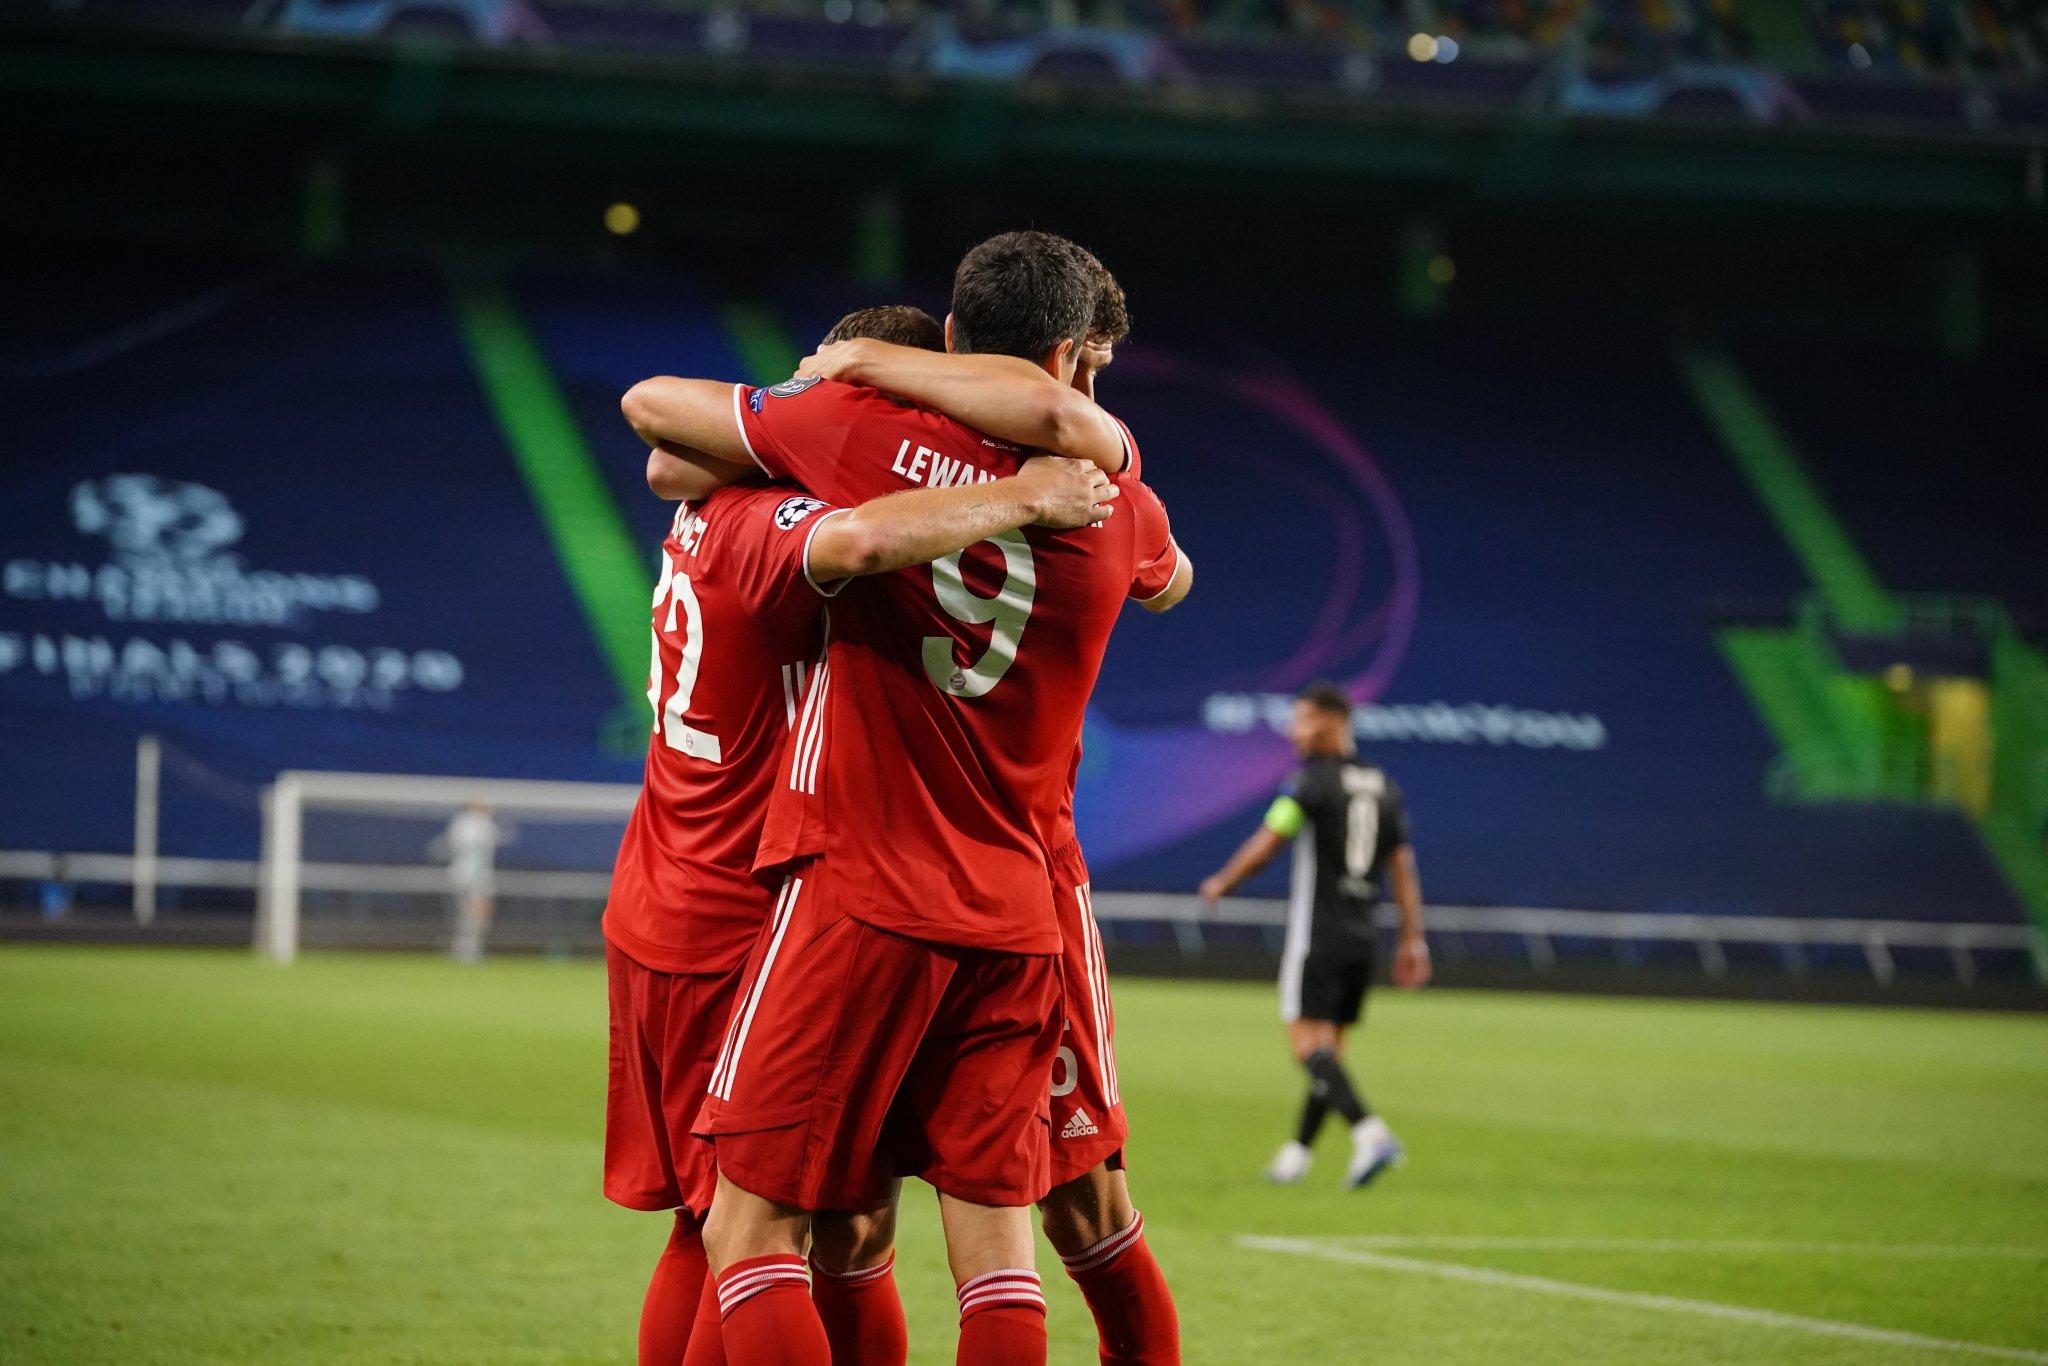 Bayern Múnich avanza a la final de la Champions League, tras vencer 3-0 a Lyon